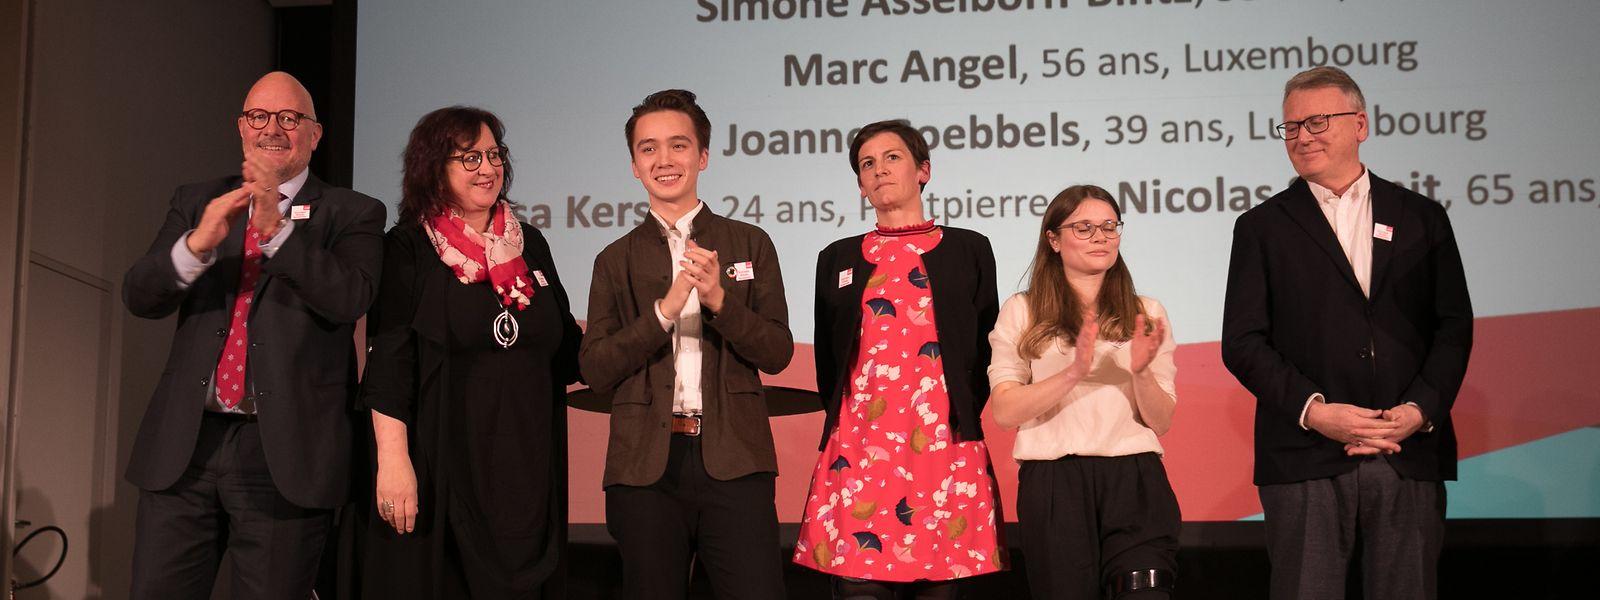 Die Kandidaten der LSAP für Europa: Marc Angel, Simone Asselborn-Bintz,  Elisha Winckel, Joanne Goebbels, Lisa Kersch und Nicolas Schmit.